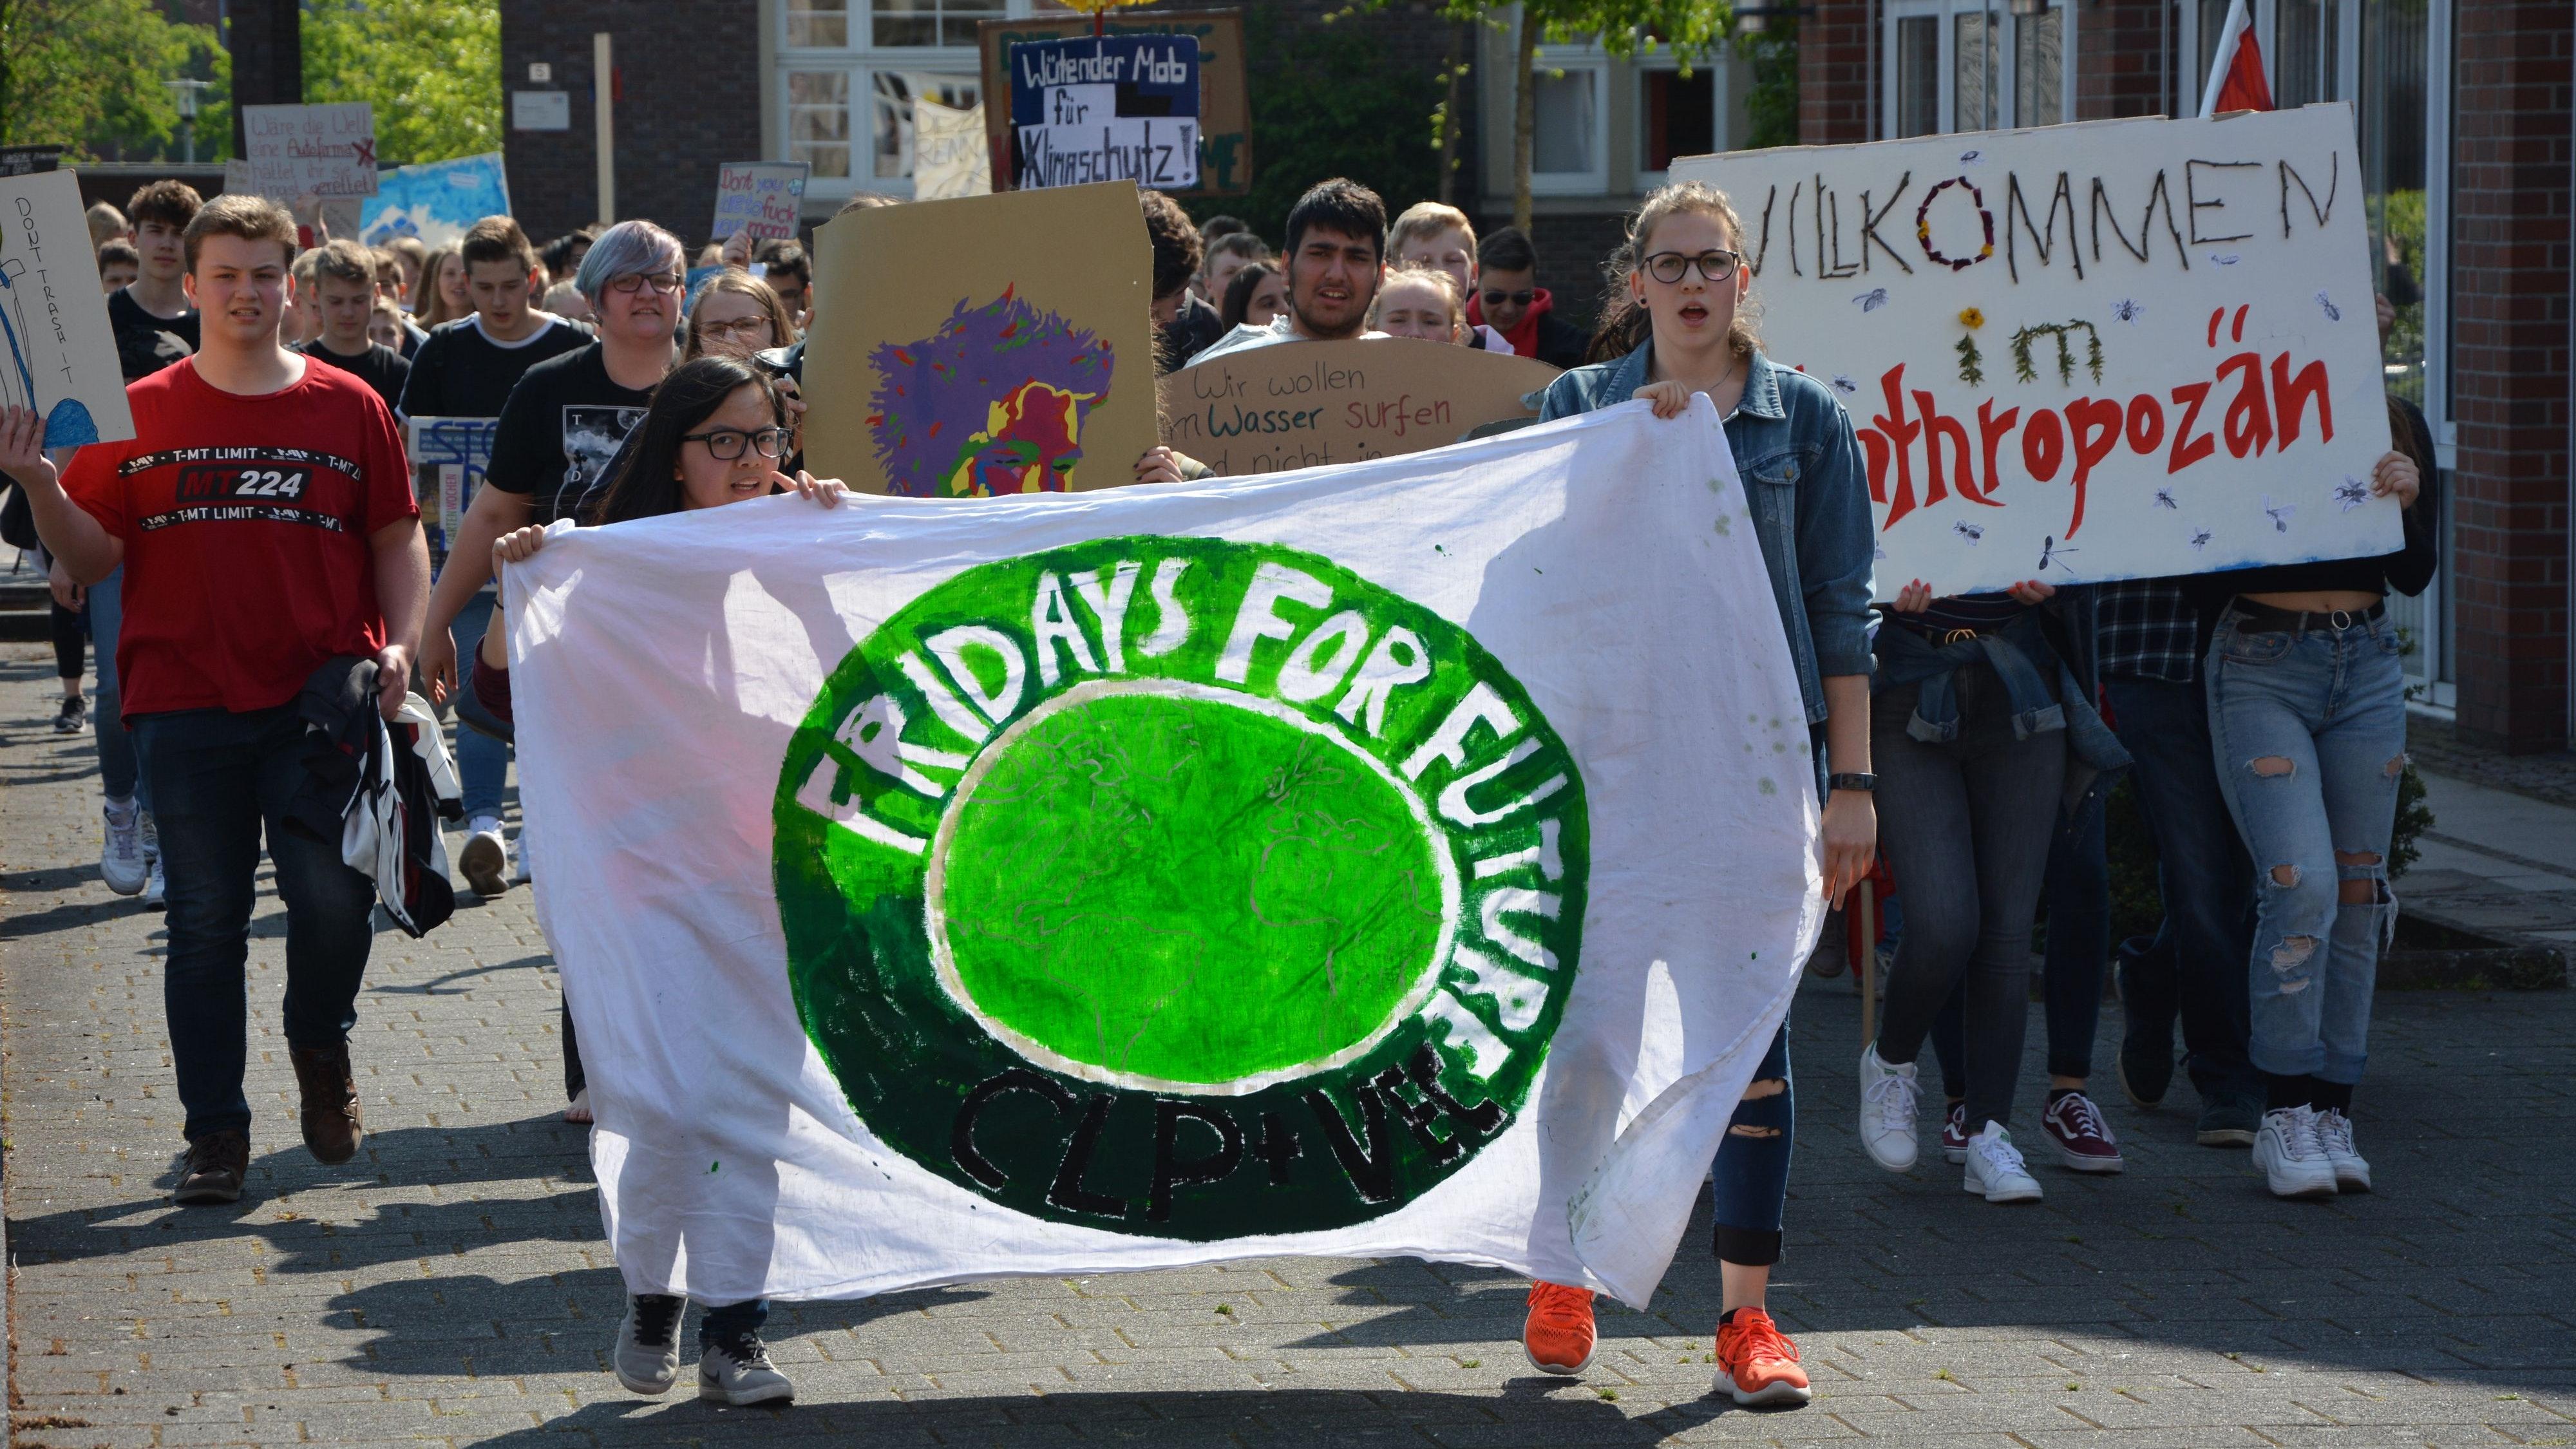 Zurück auf die Straße: Zumindest in kleinen Gruppen werden Aktivisten in Cloppenburg ihren prominenten Gast durch die Fußgängerzone begleiten. Foto: Archiv